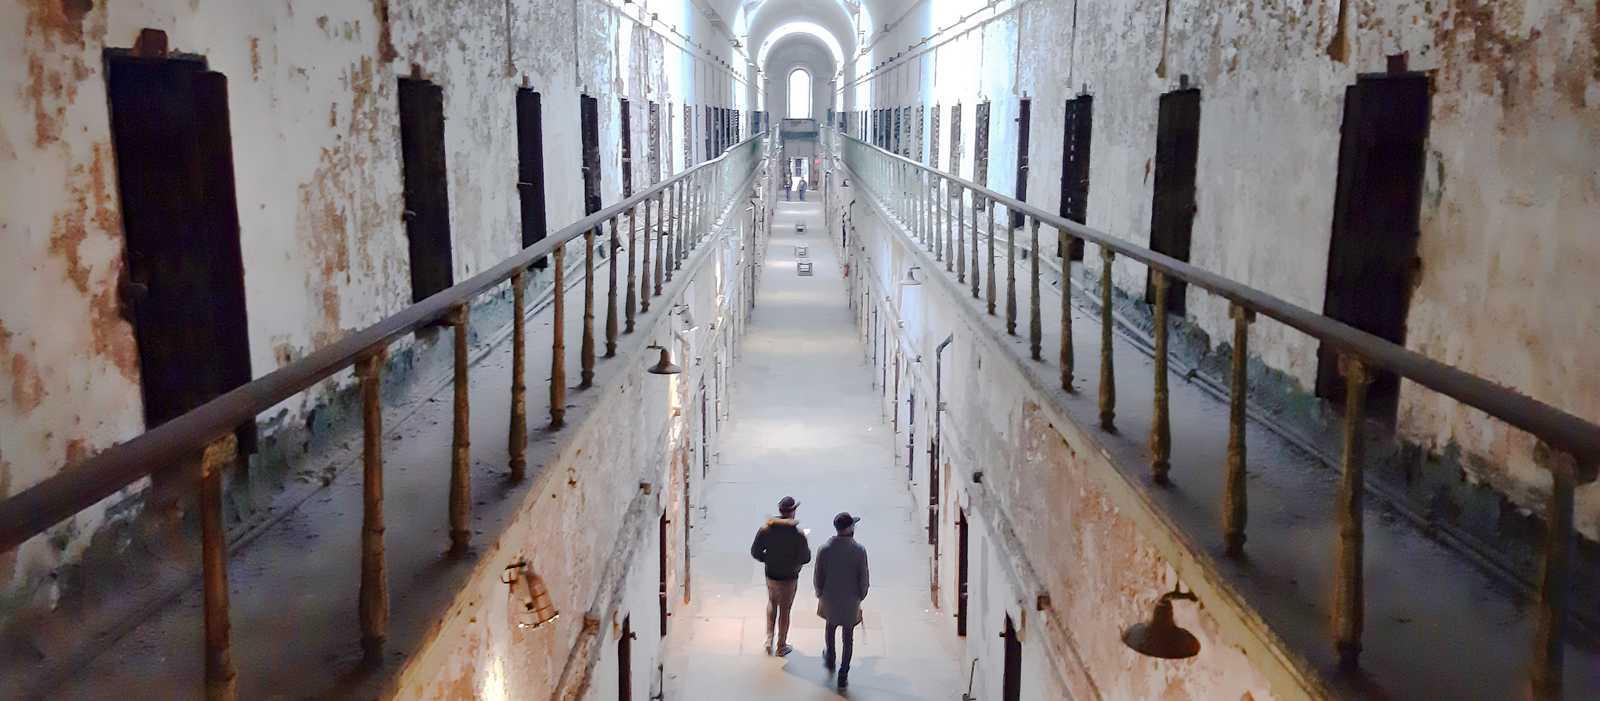 Innenansicht der Strafanstalt Eastern State Penitentiary